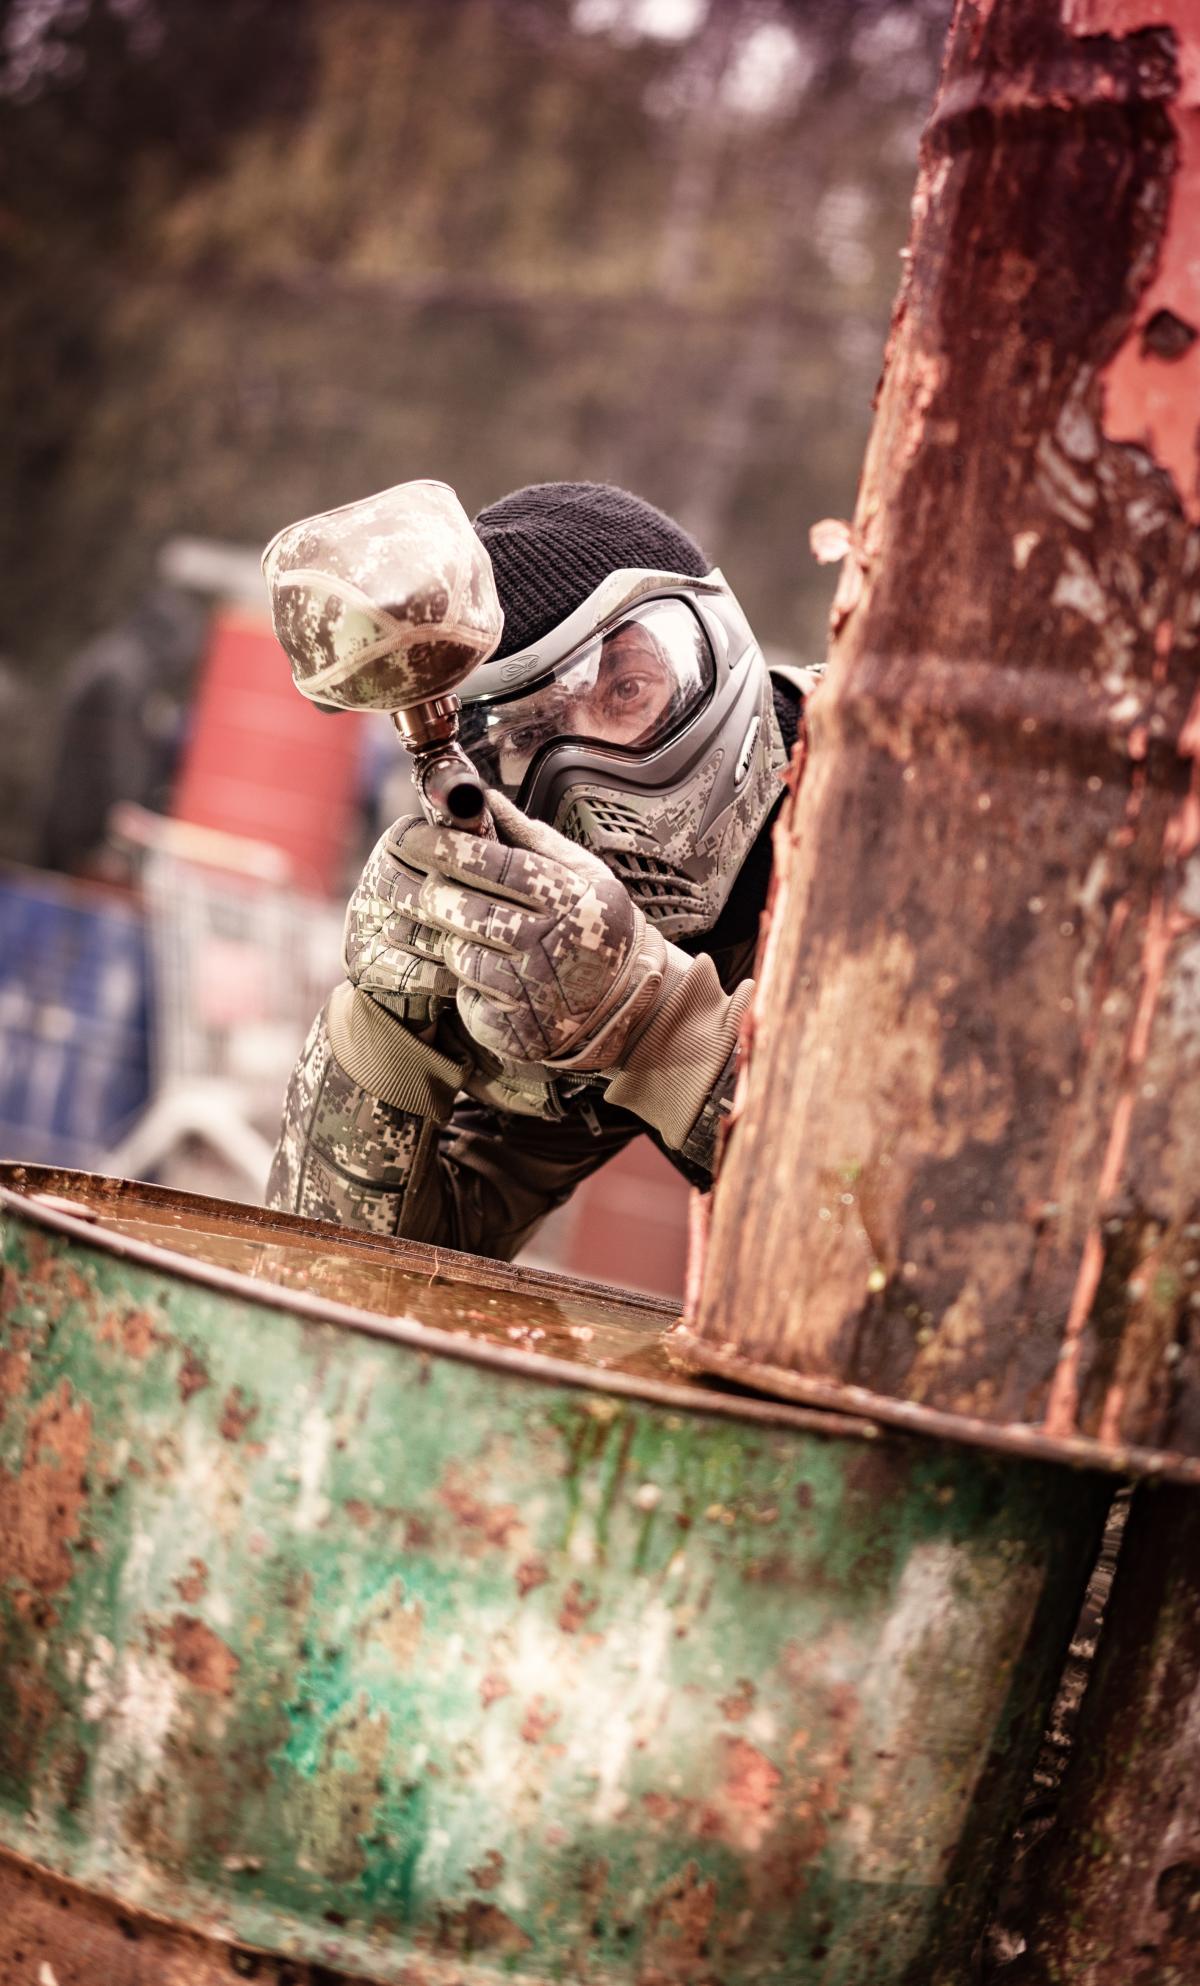 Ein Paintballspieler im Freigelände in Deckung hinter verrosteten Tonnen